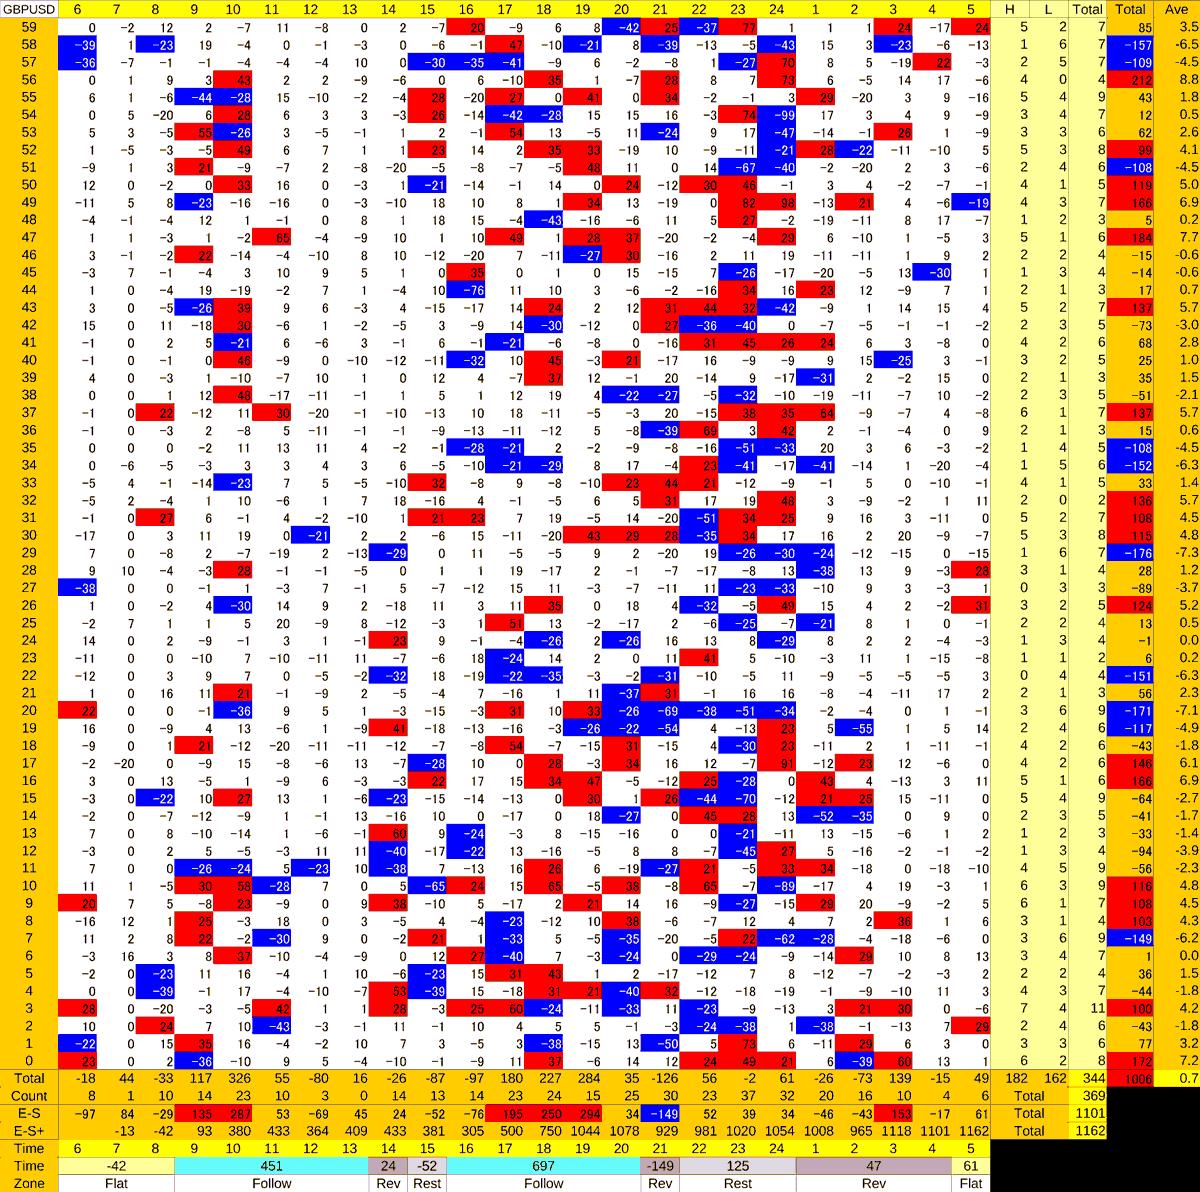 20201230_HS(2)GBPUSD